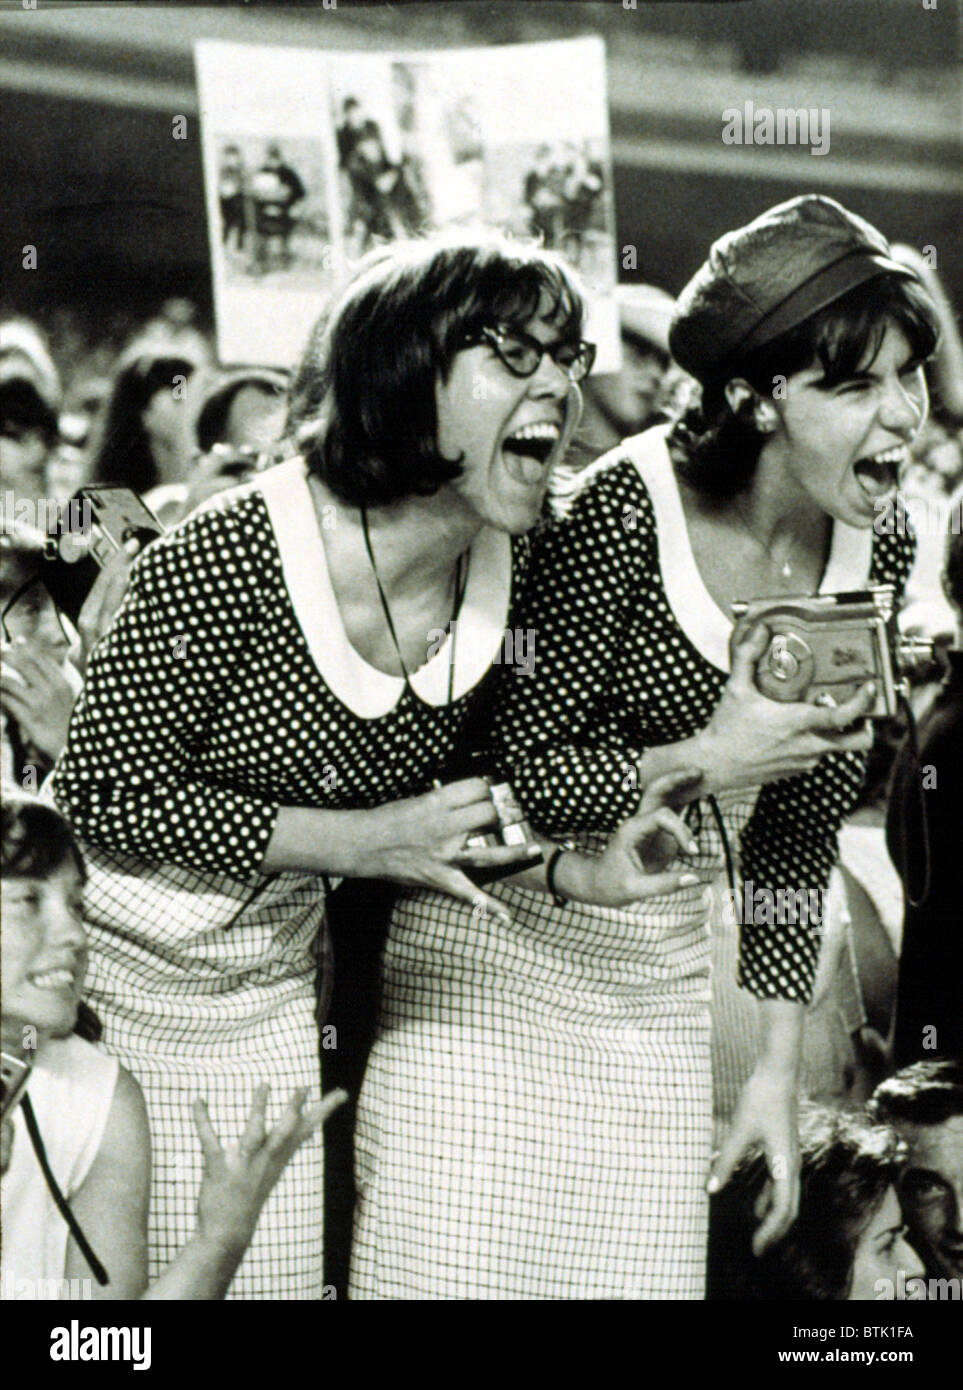 """Los fans de The Beatles gritar en un concierto en el estadio Shea, NY, 8/15/65, mostrando lo que es llamado """"Beatlemania"""".Foto de stock"""